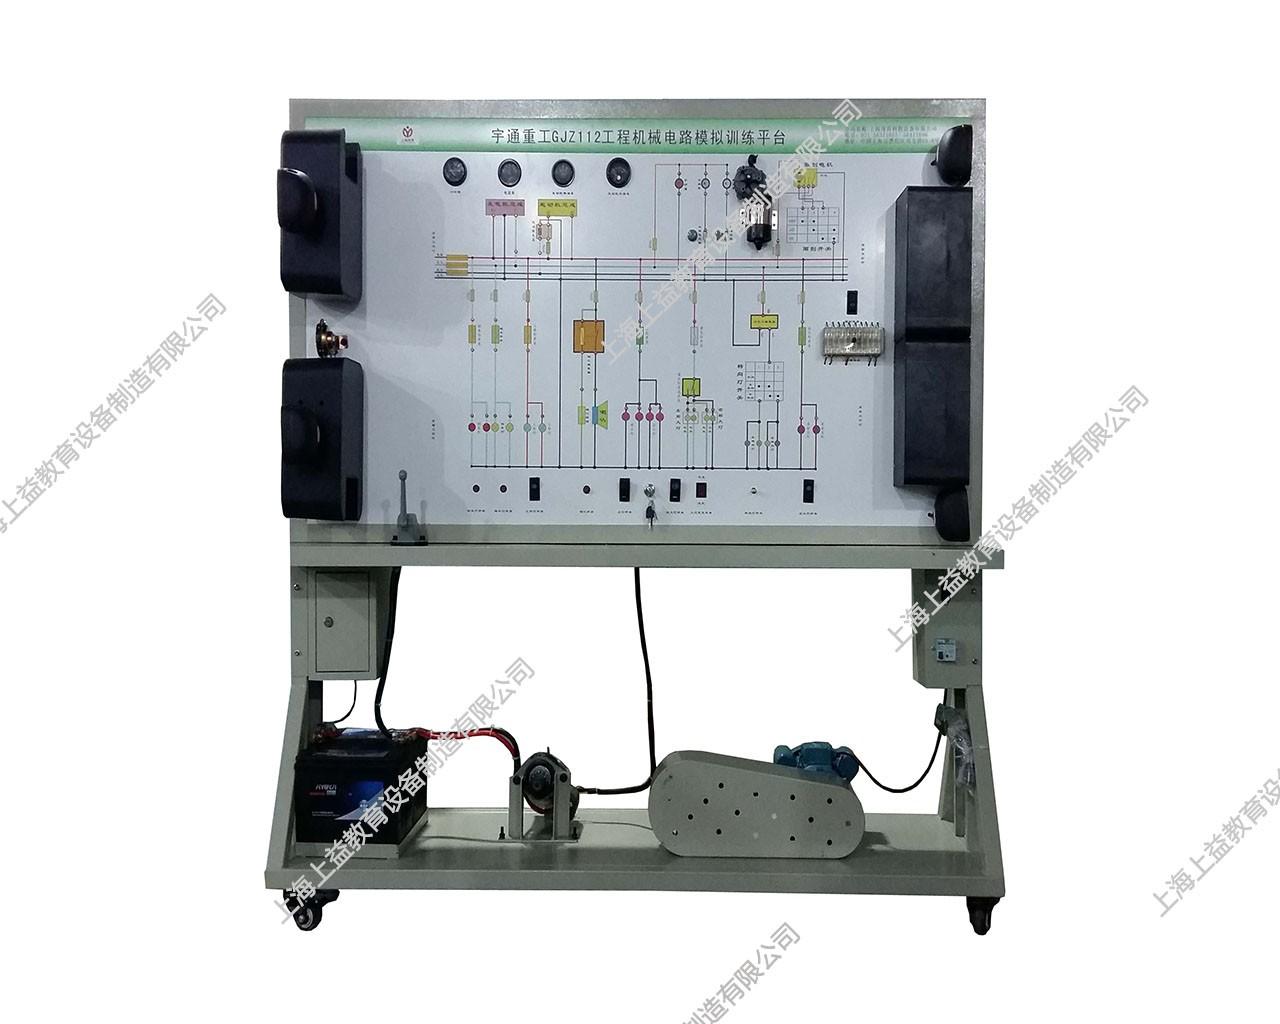 宇通重工GJZ112工程机械电器wwwlehu8vip台